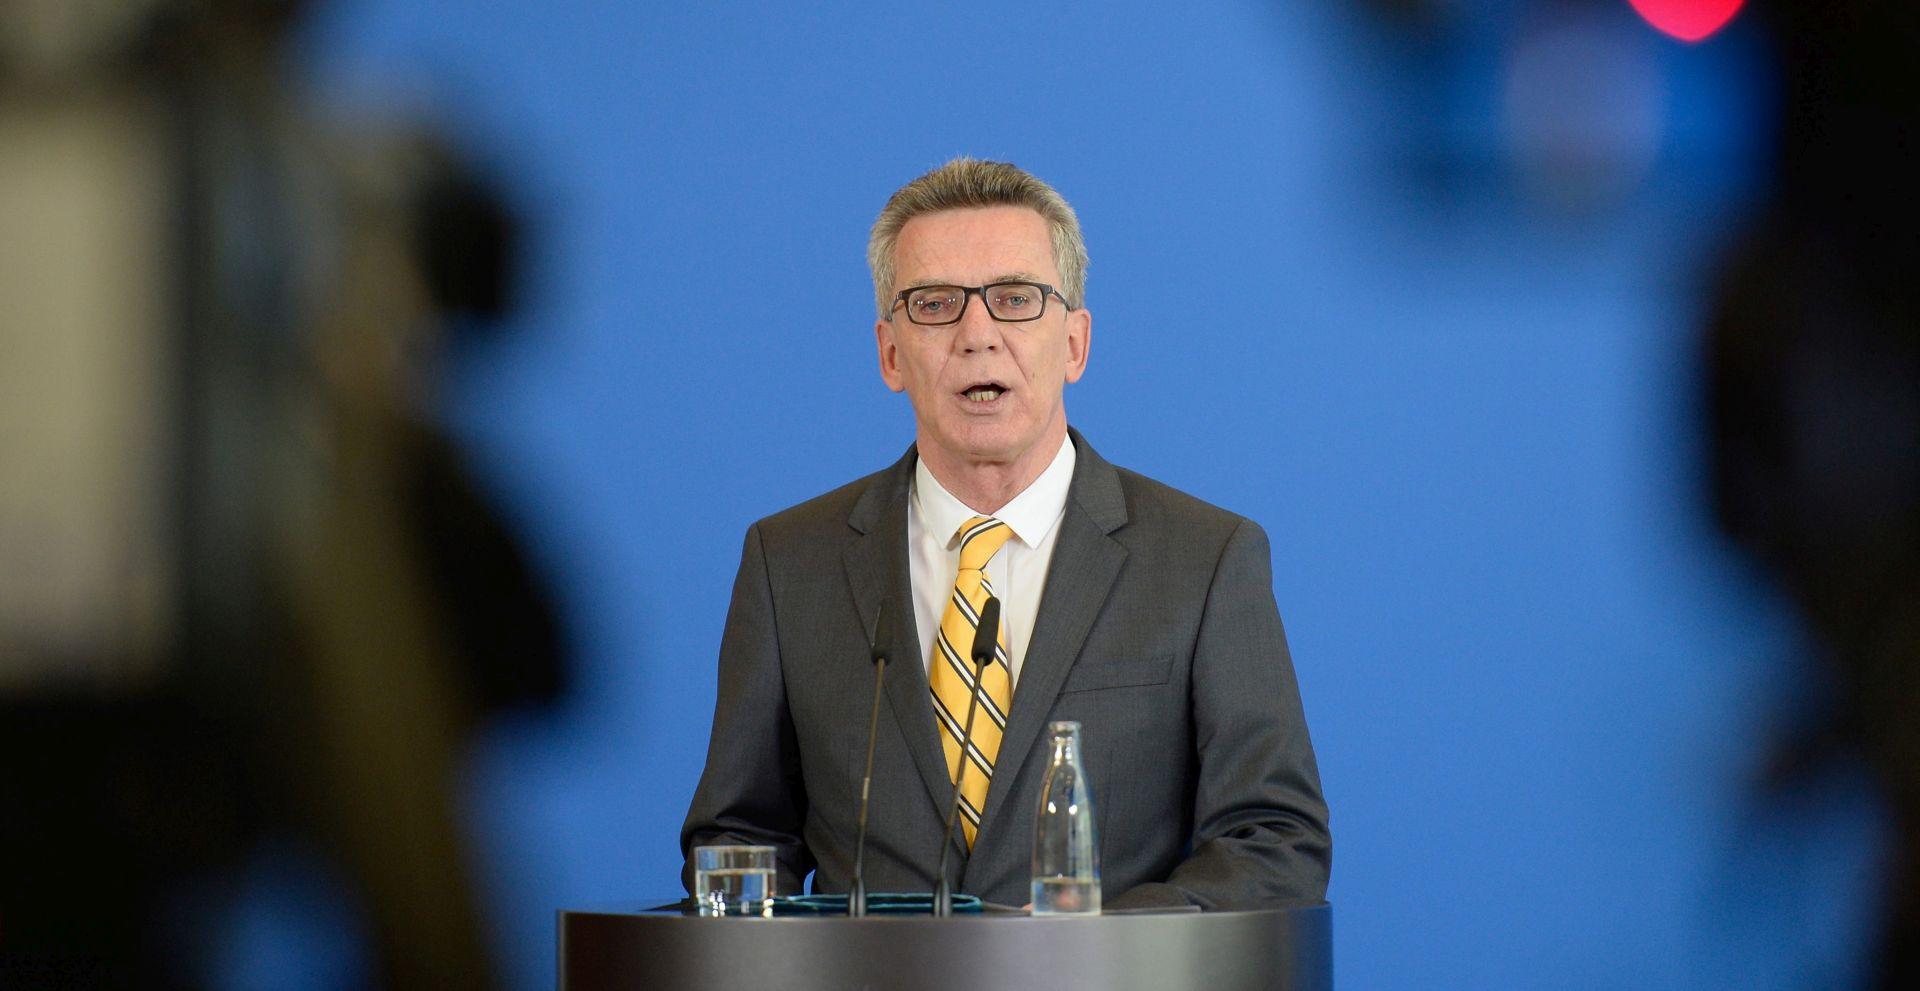 Njemački ministar za uvođenje sustava prepoznavanja lica na kolodvorima i zračnim lukama